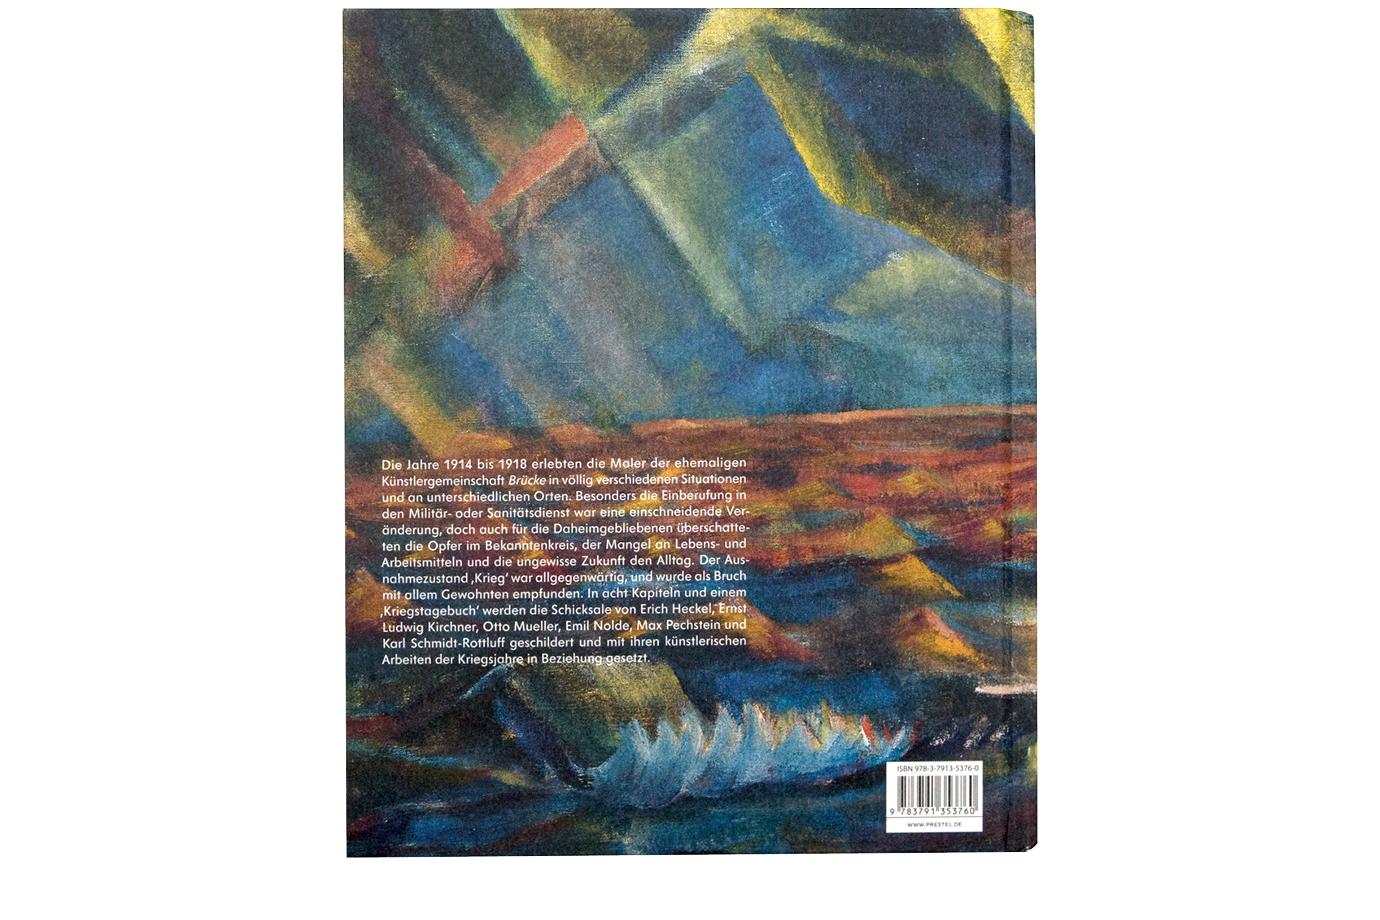 http://e-o-t.de/wordpress/wp-content/uploads/2017/06/2014_eot-Weltenbruch-Book-14.jpg